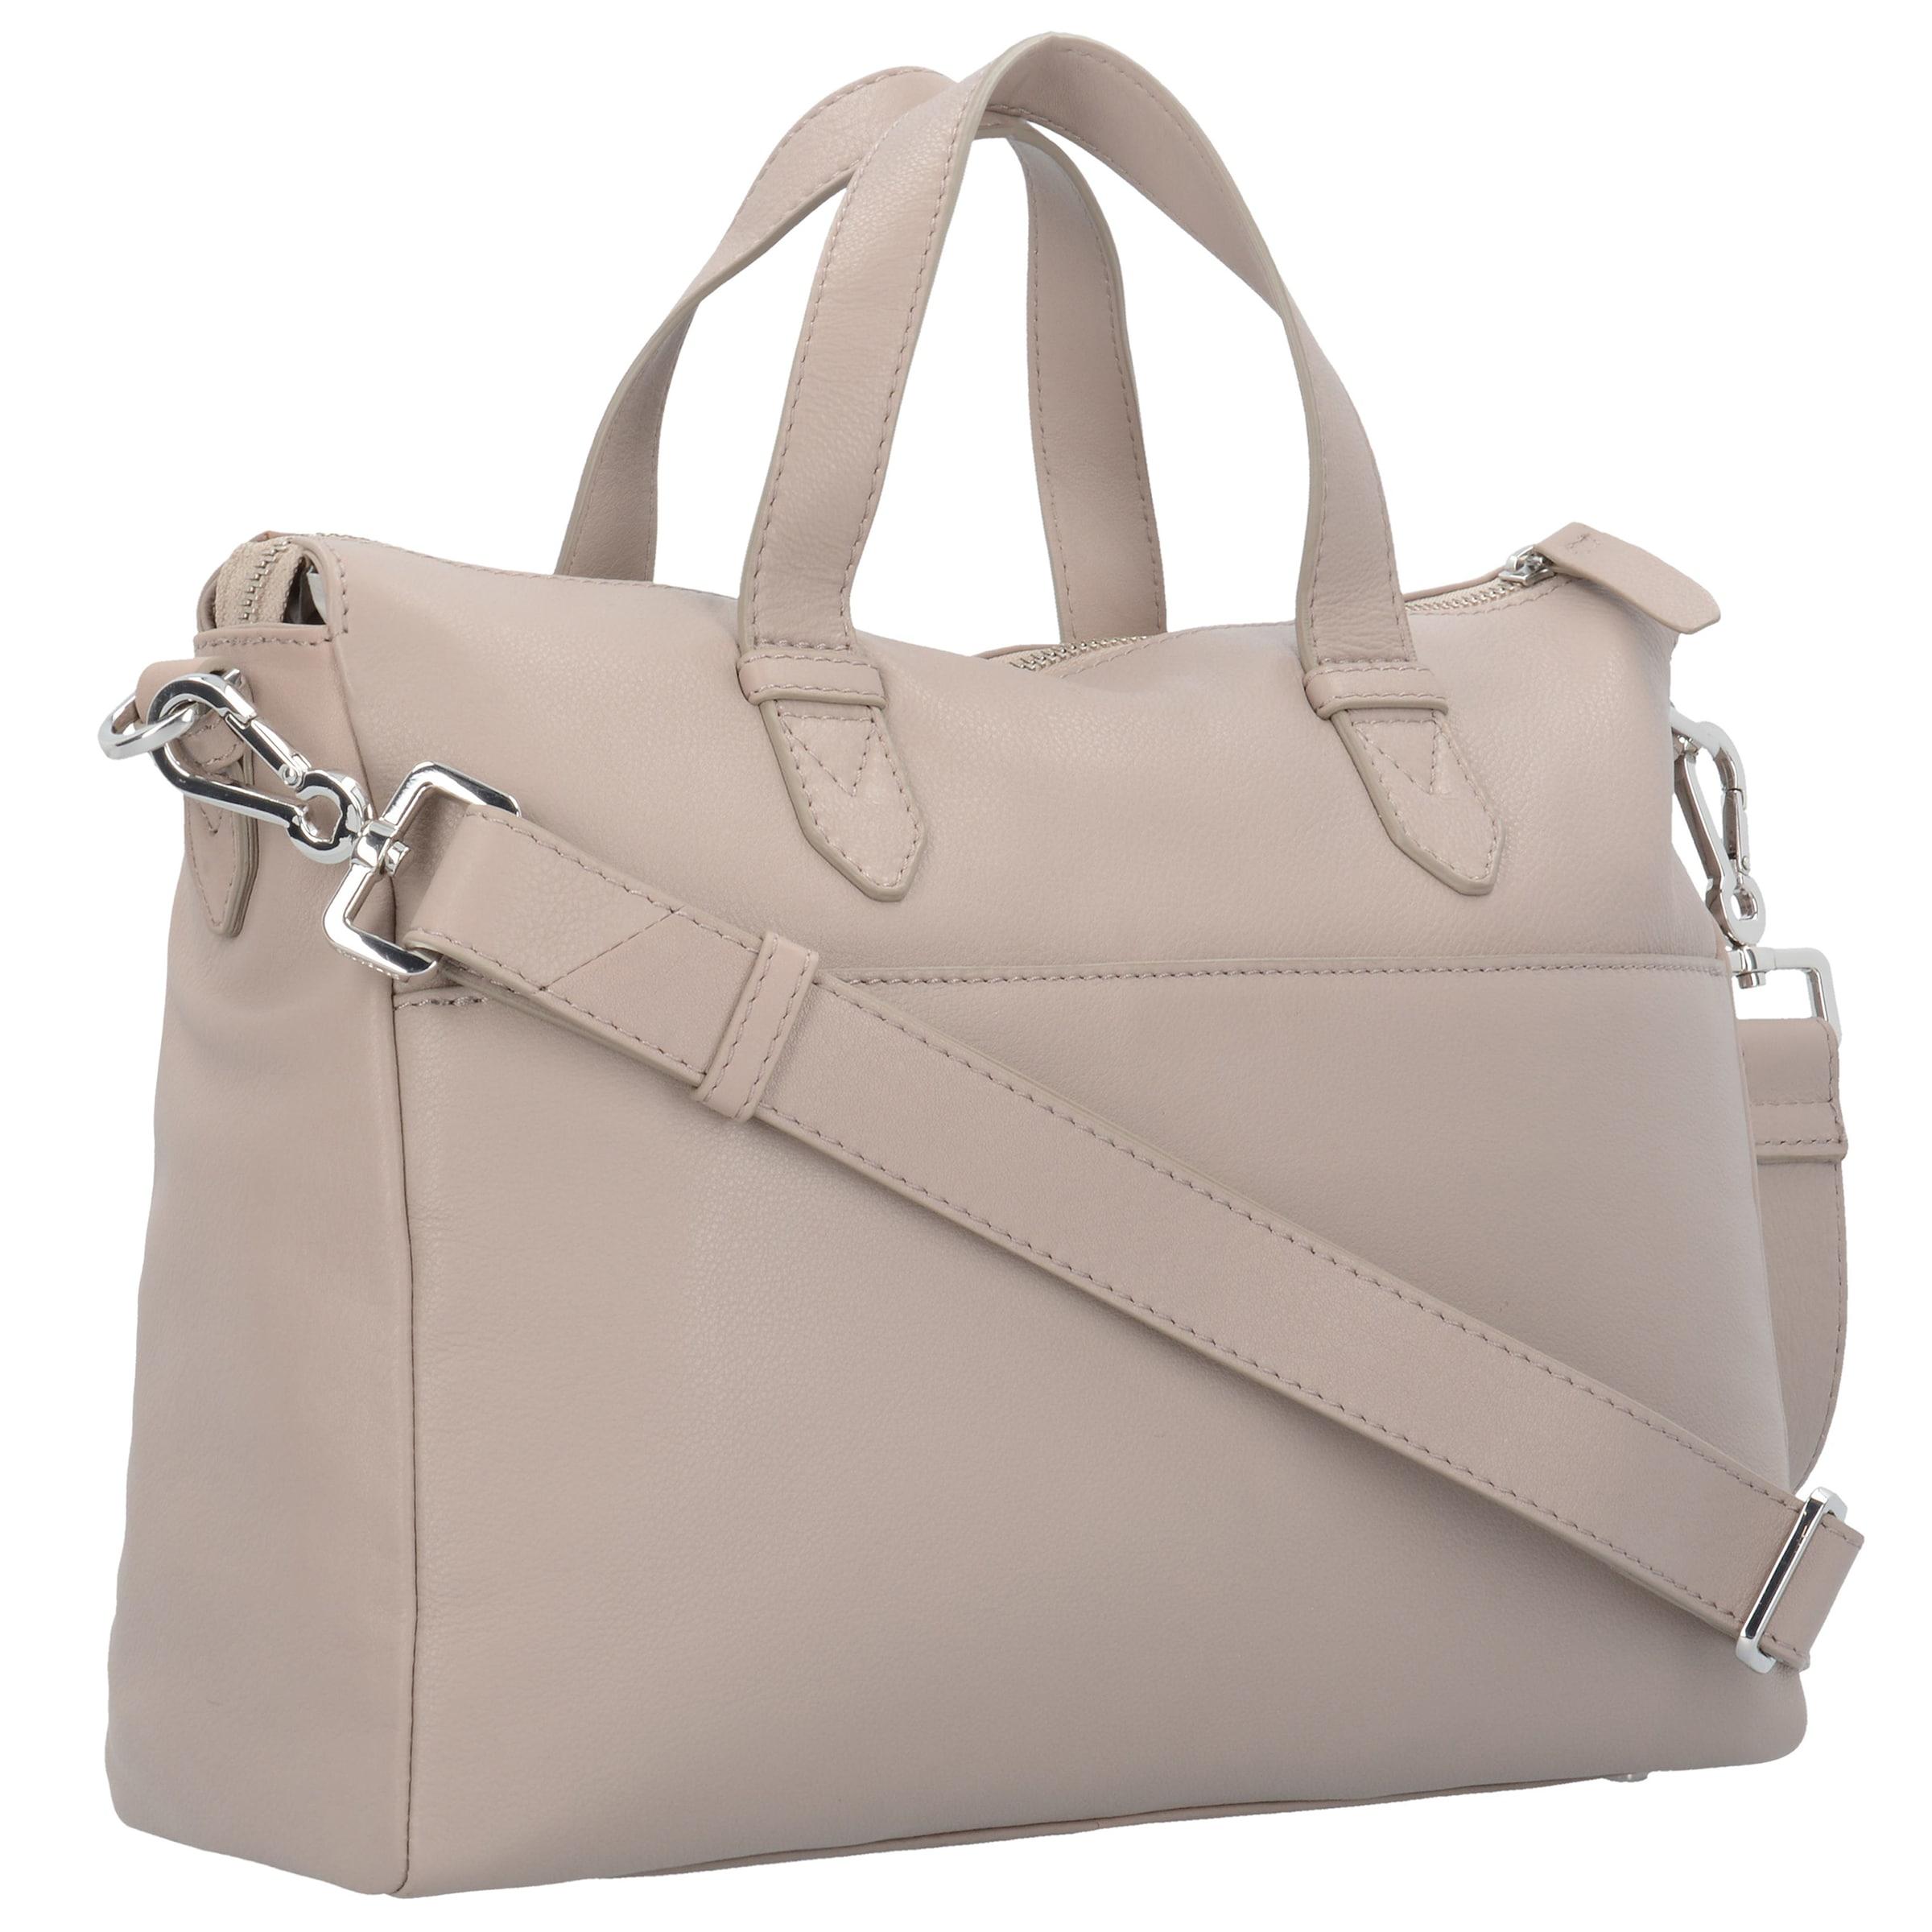 Leder Move Boston Samsonite Bag 34 Handtasche Beige Lth Cm In mNPyn0wOv8